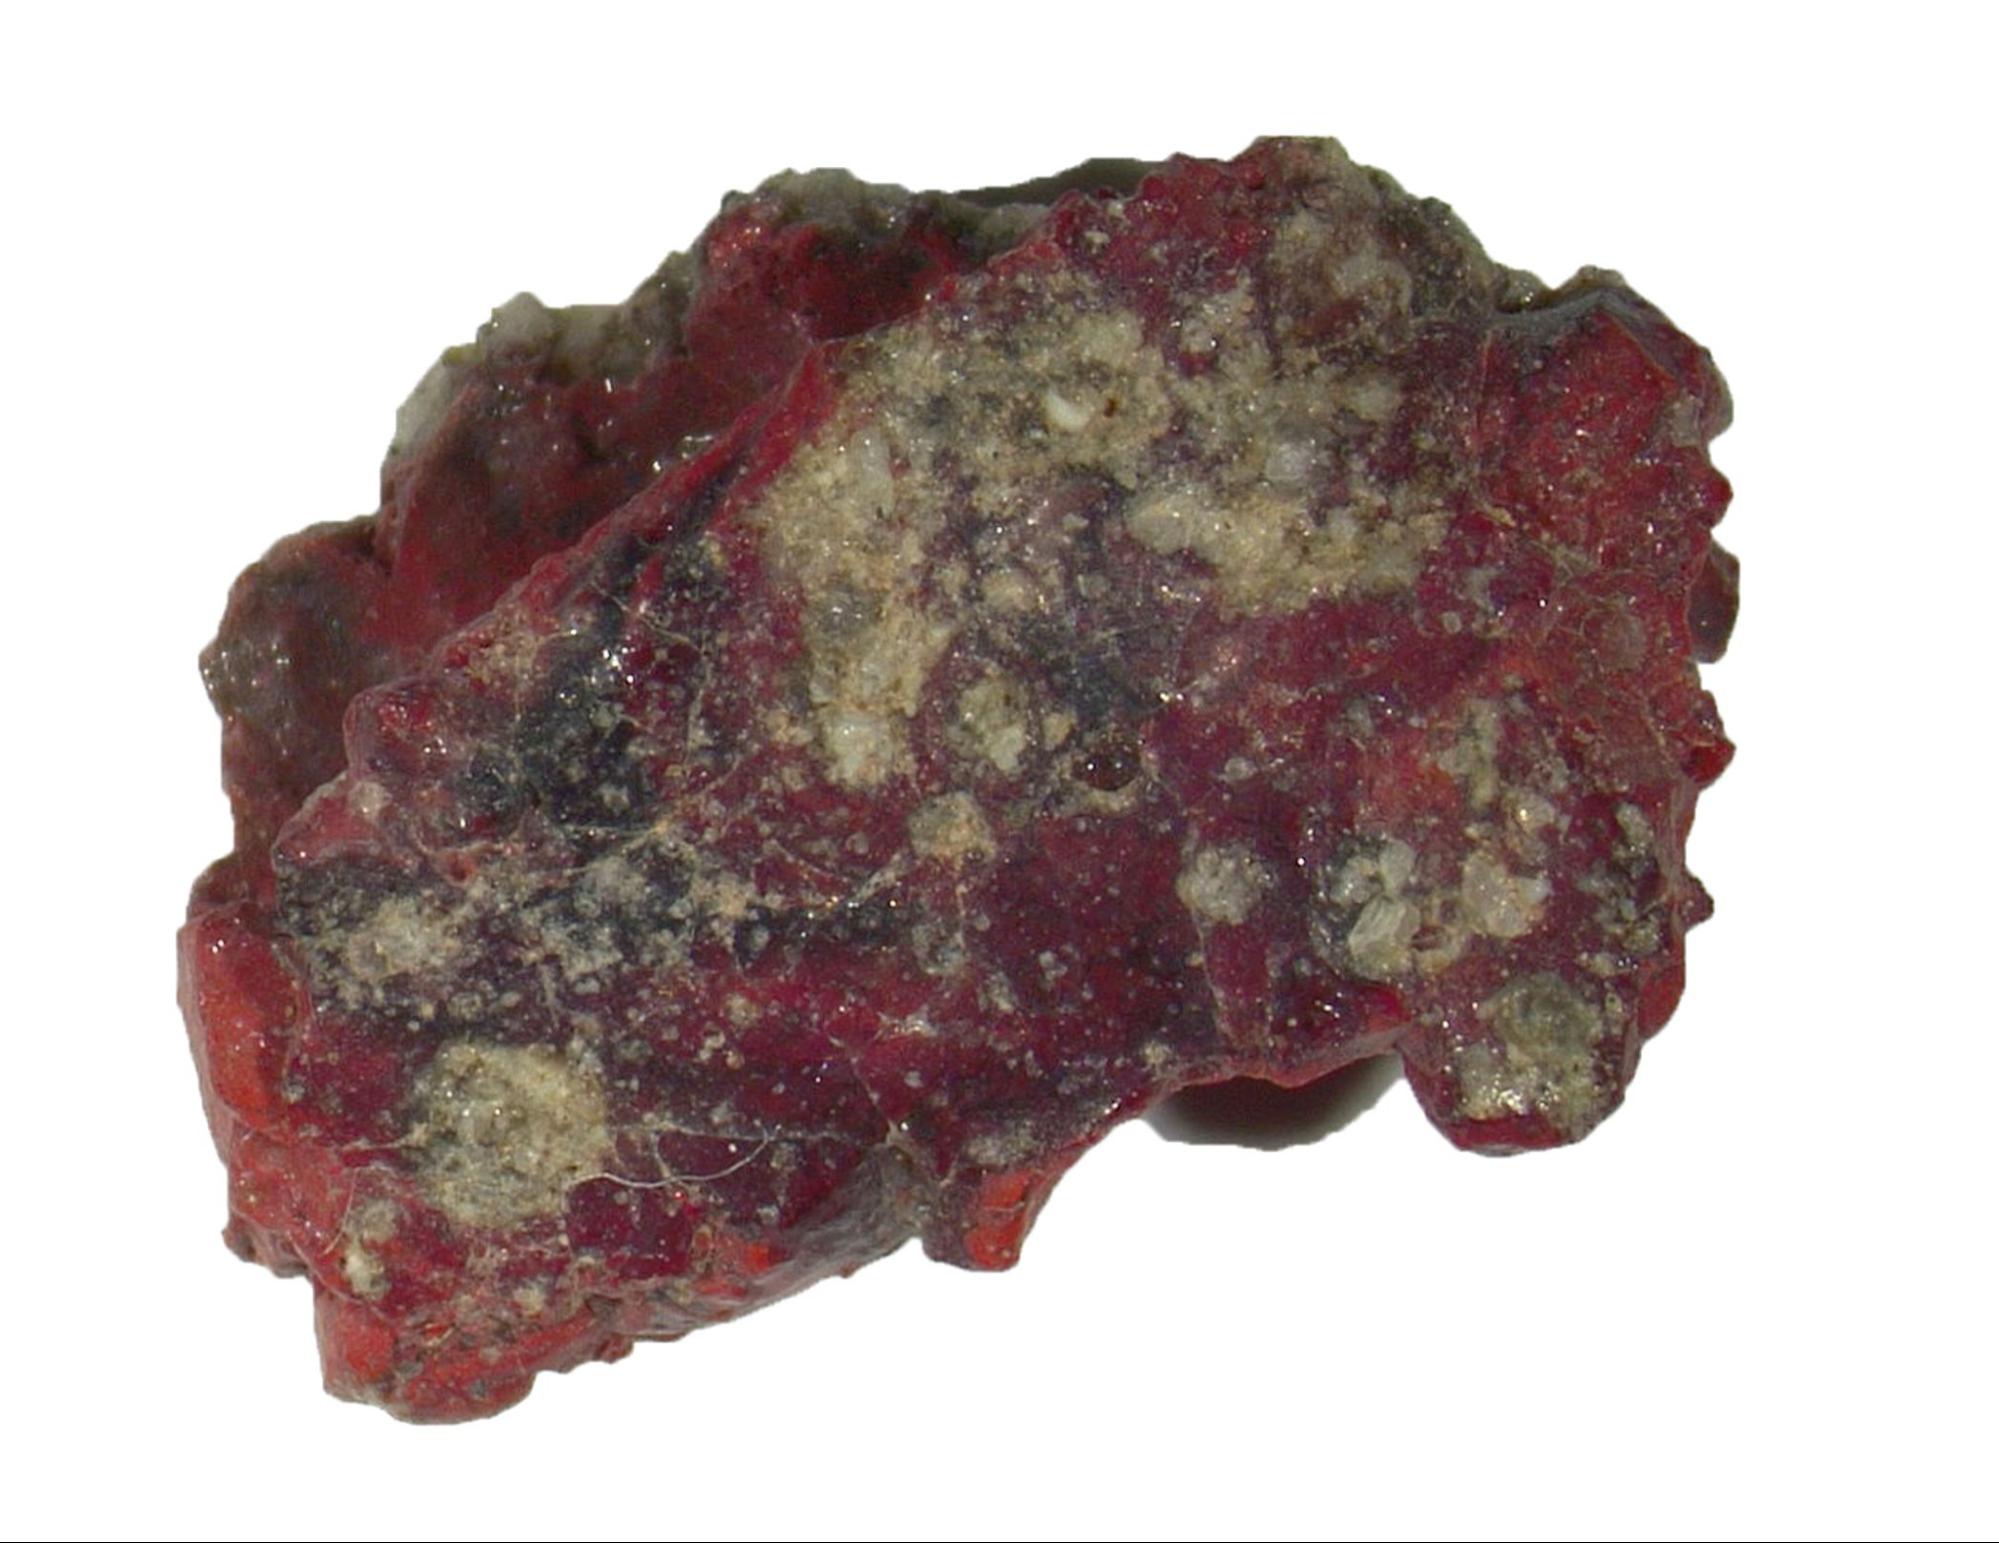 На месте испытаний первой атомной бомбы обнаружен квазикристалл - 2